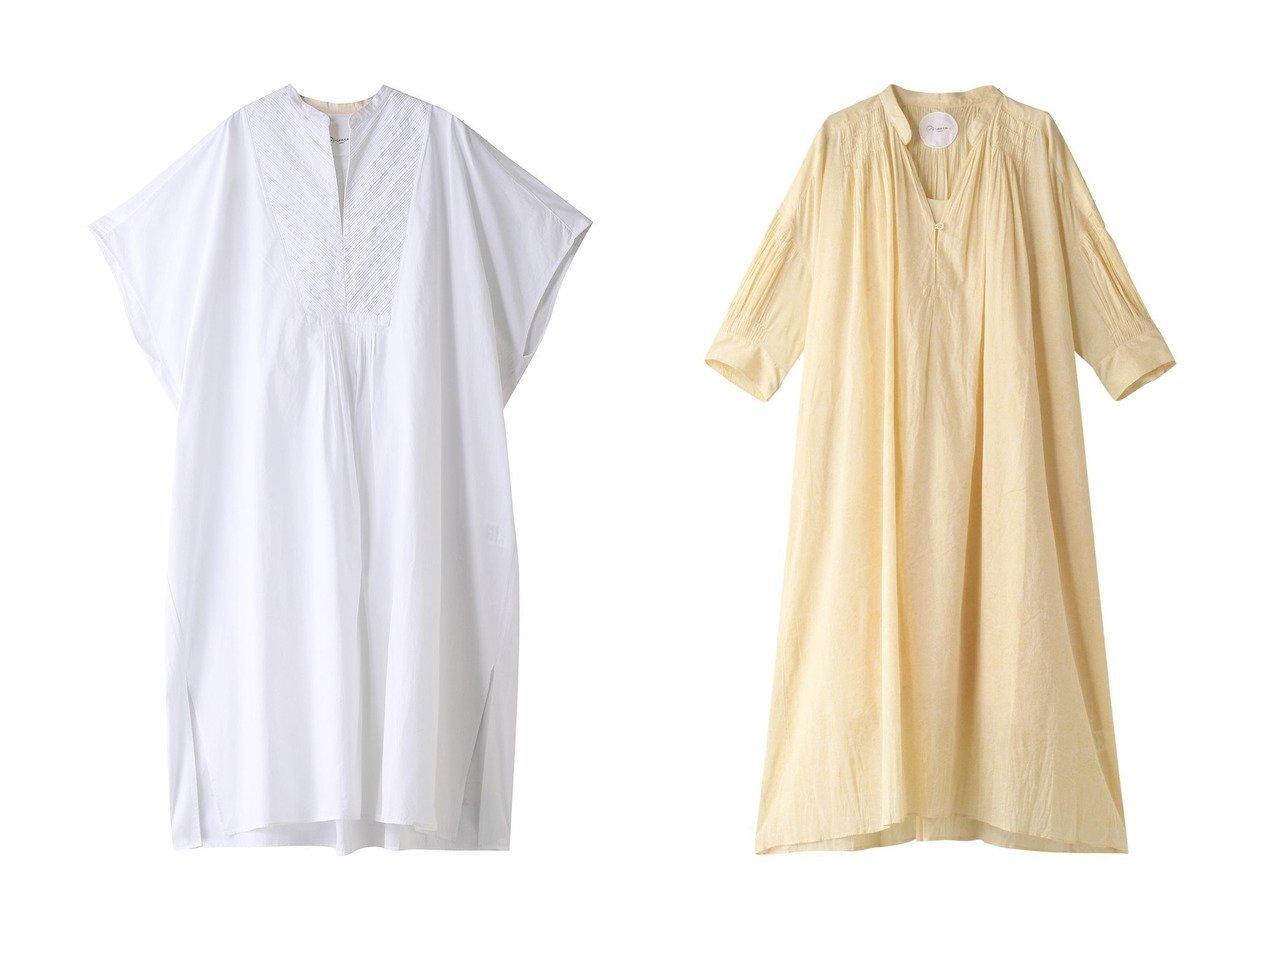 【Pheeta/フィータ】のTrinity コットンピンタックスリットドレス&Harey コットンギャザードレス 【ワンピース・ドレス】おすすめ!人気、トレンド・レディースファッションの通販 おすすめで人気の流行・トレンド、ファッションの通販商品 メンズファッション・キッズファッション・インテリア・家具・レディースファッション・服の通販 founy(ファニー) https://founy.com/ ファッション Fashion レディースファッション WOMEN ワンピース Dress ドレス Party Dresses インド ドレス フォーマル メンズ モチーフ 今季 S/S・春夏 SS・Spring/Summer フォルム プリント リラックス 春 Spring  ID:crp329100000035544